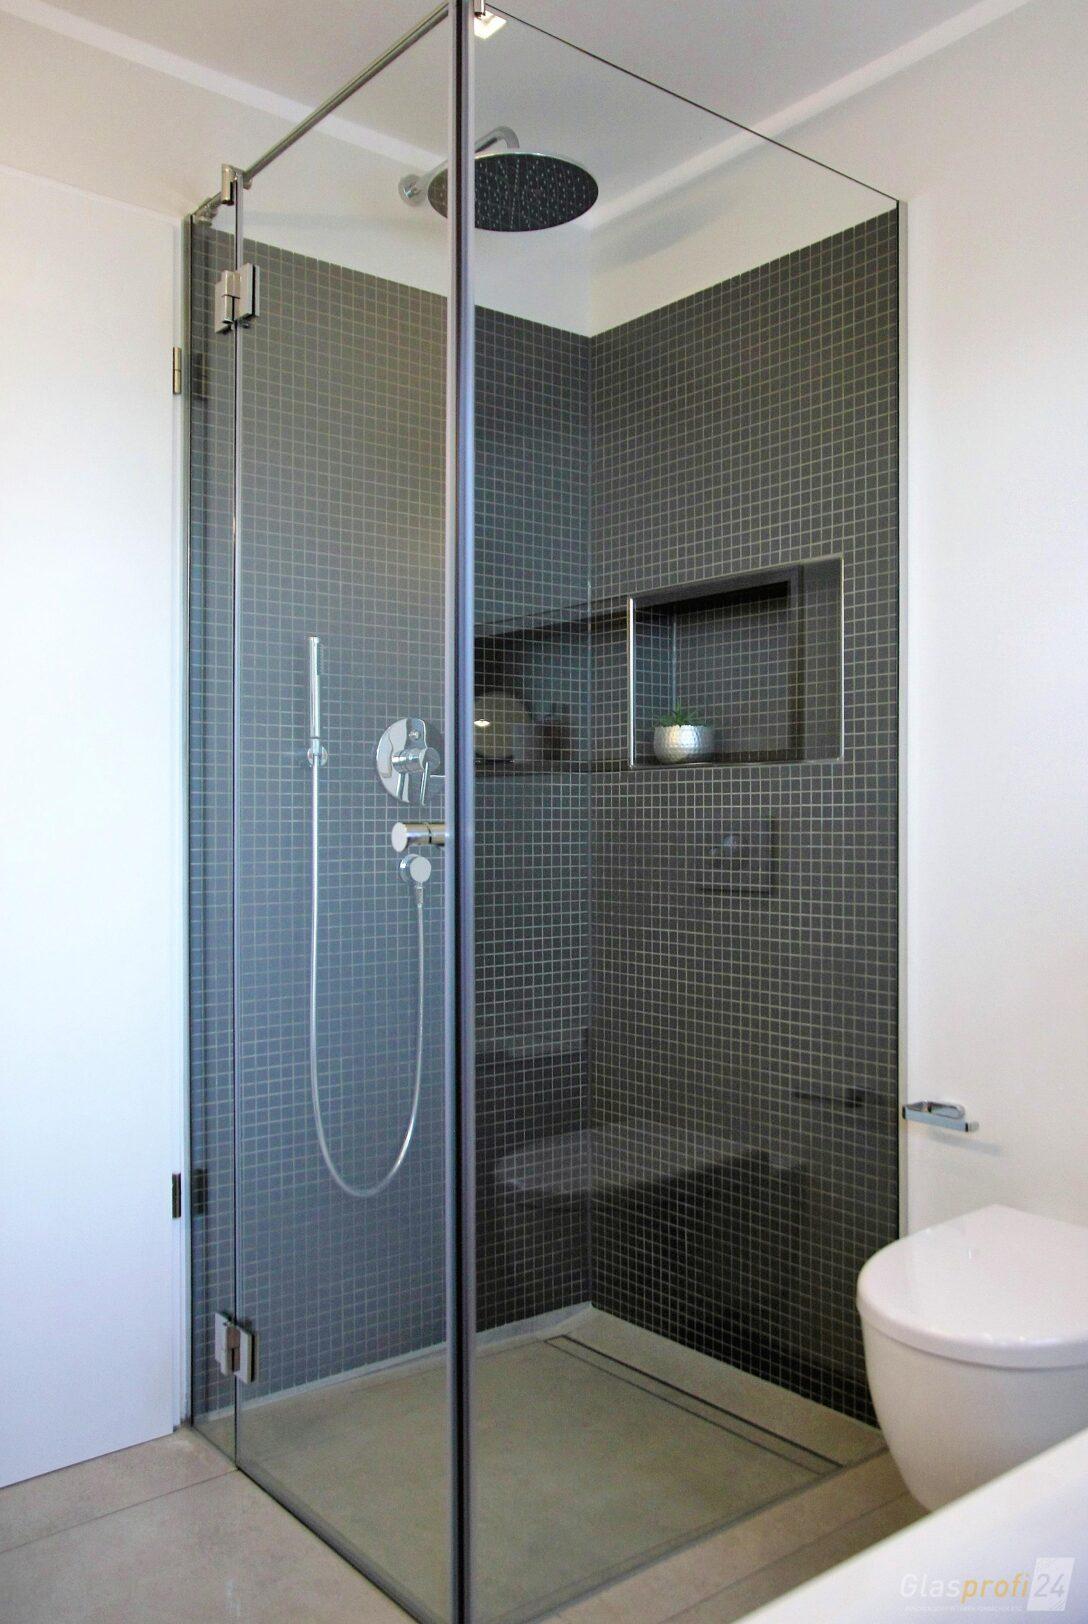 Large Size of Glasabtrennung Dusche Eckdusche Glaseckdusche Glasprofi24 Fliesen Behindertengerechte Nischentür 80x80 Für Ebenerdige Kosten Moderne Duschen Badewanne Dusche Glasabtrennung Dusche